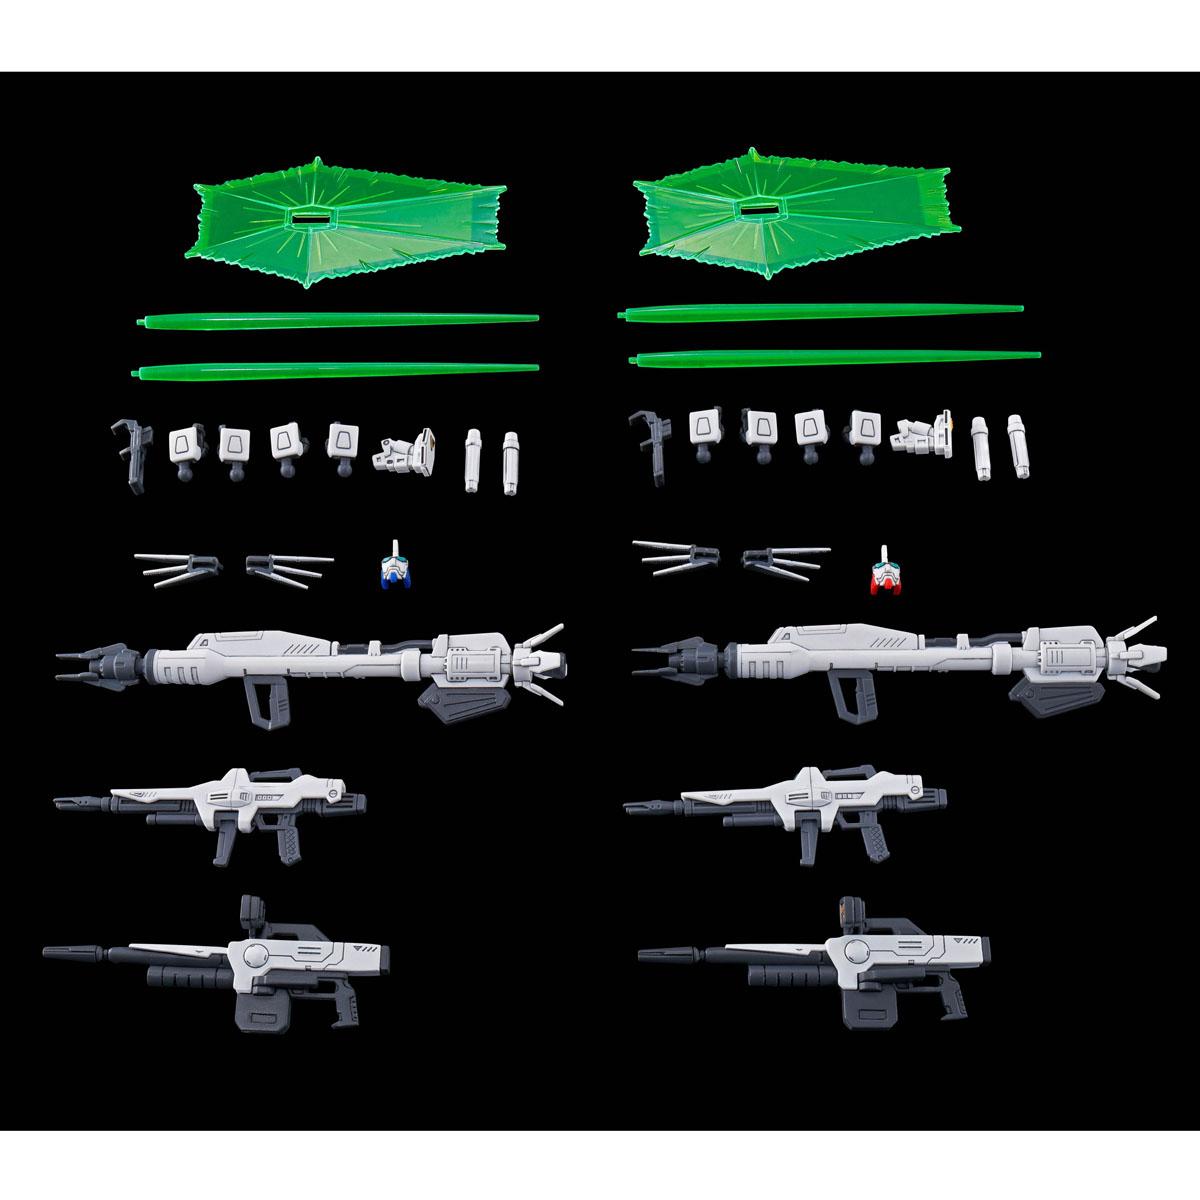 HG 1/144 GUNDAM F91 VITAL UNIT 01 & UNIT 02 SET [Nov 2021 Delivery]